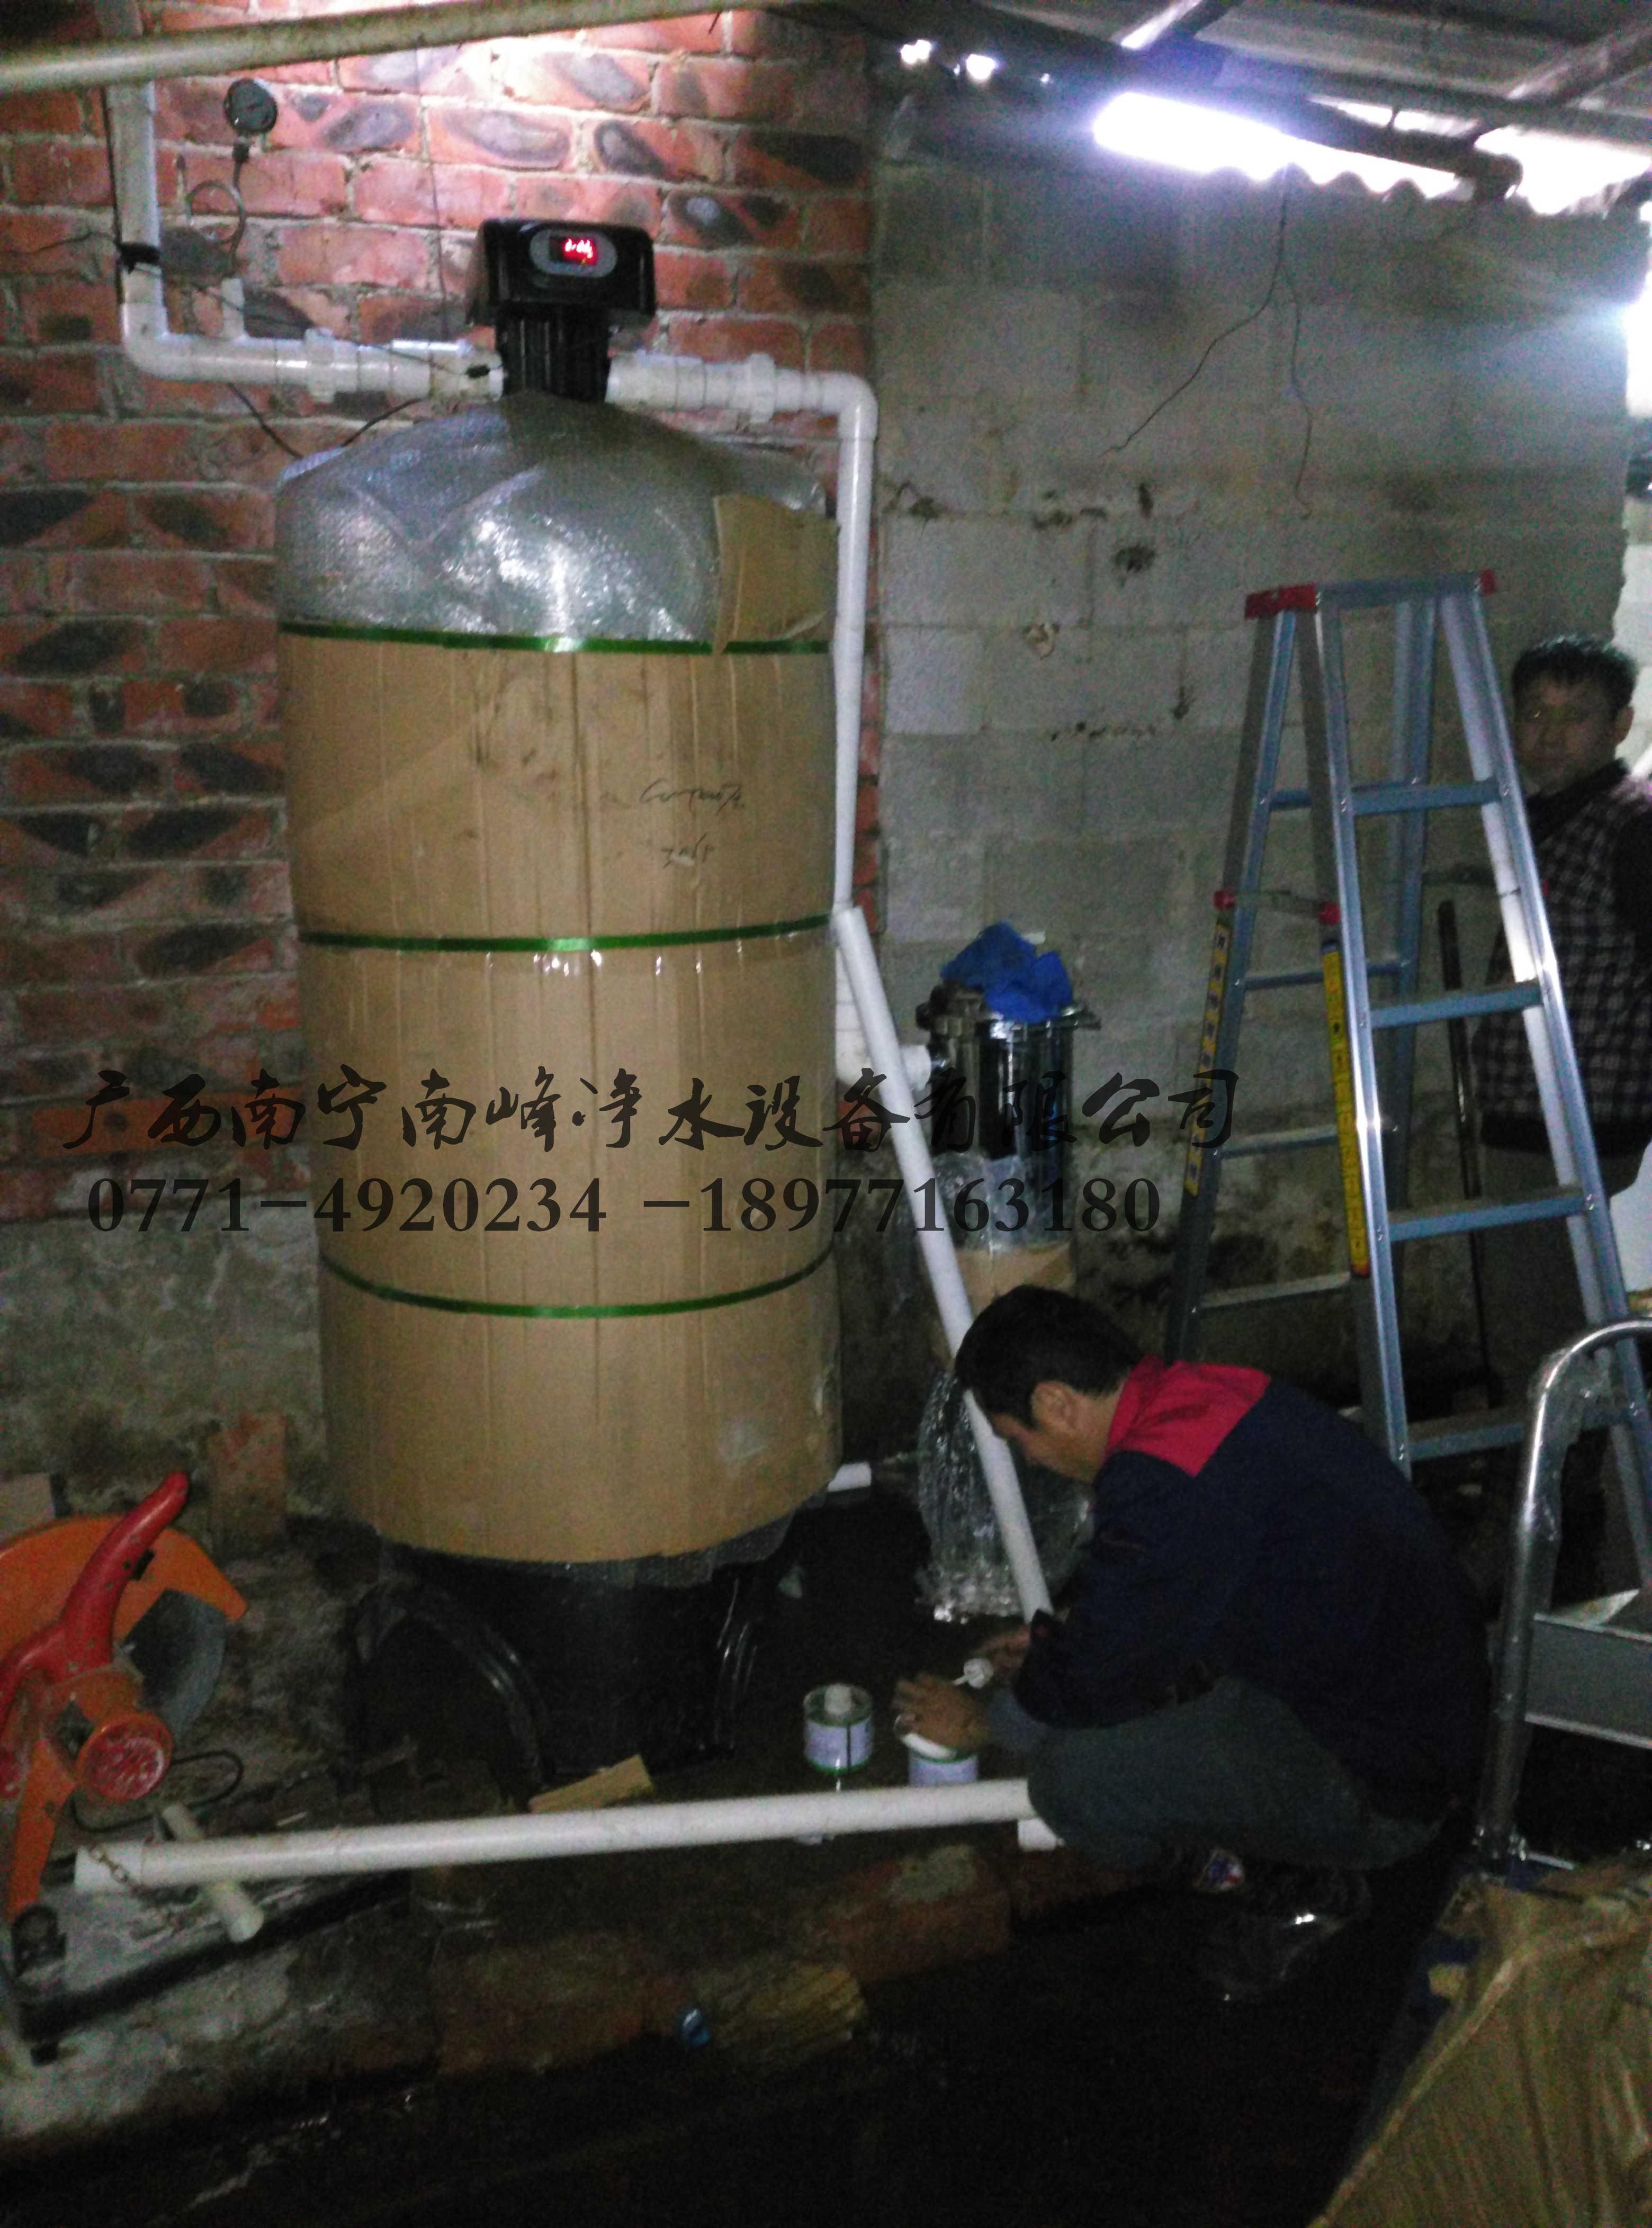 桂龙泉井水过滤器-桂龙泉井水过滤设备-桂龙泉井水发黄净水器-